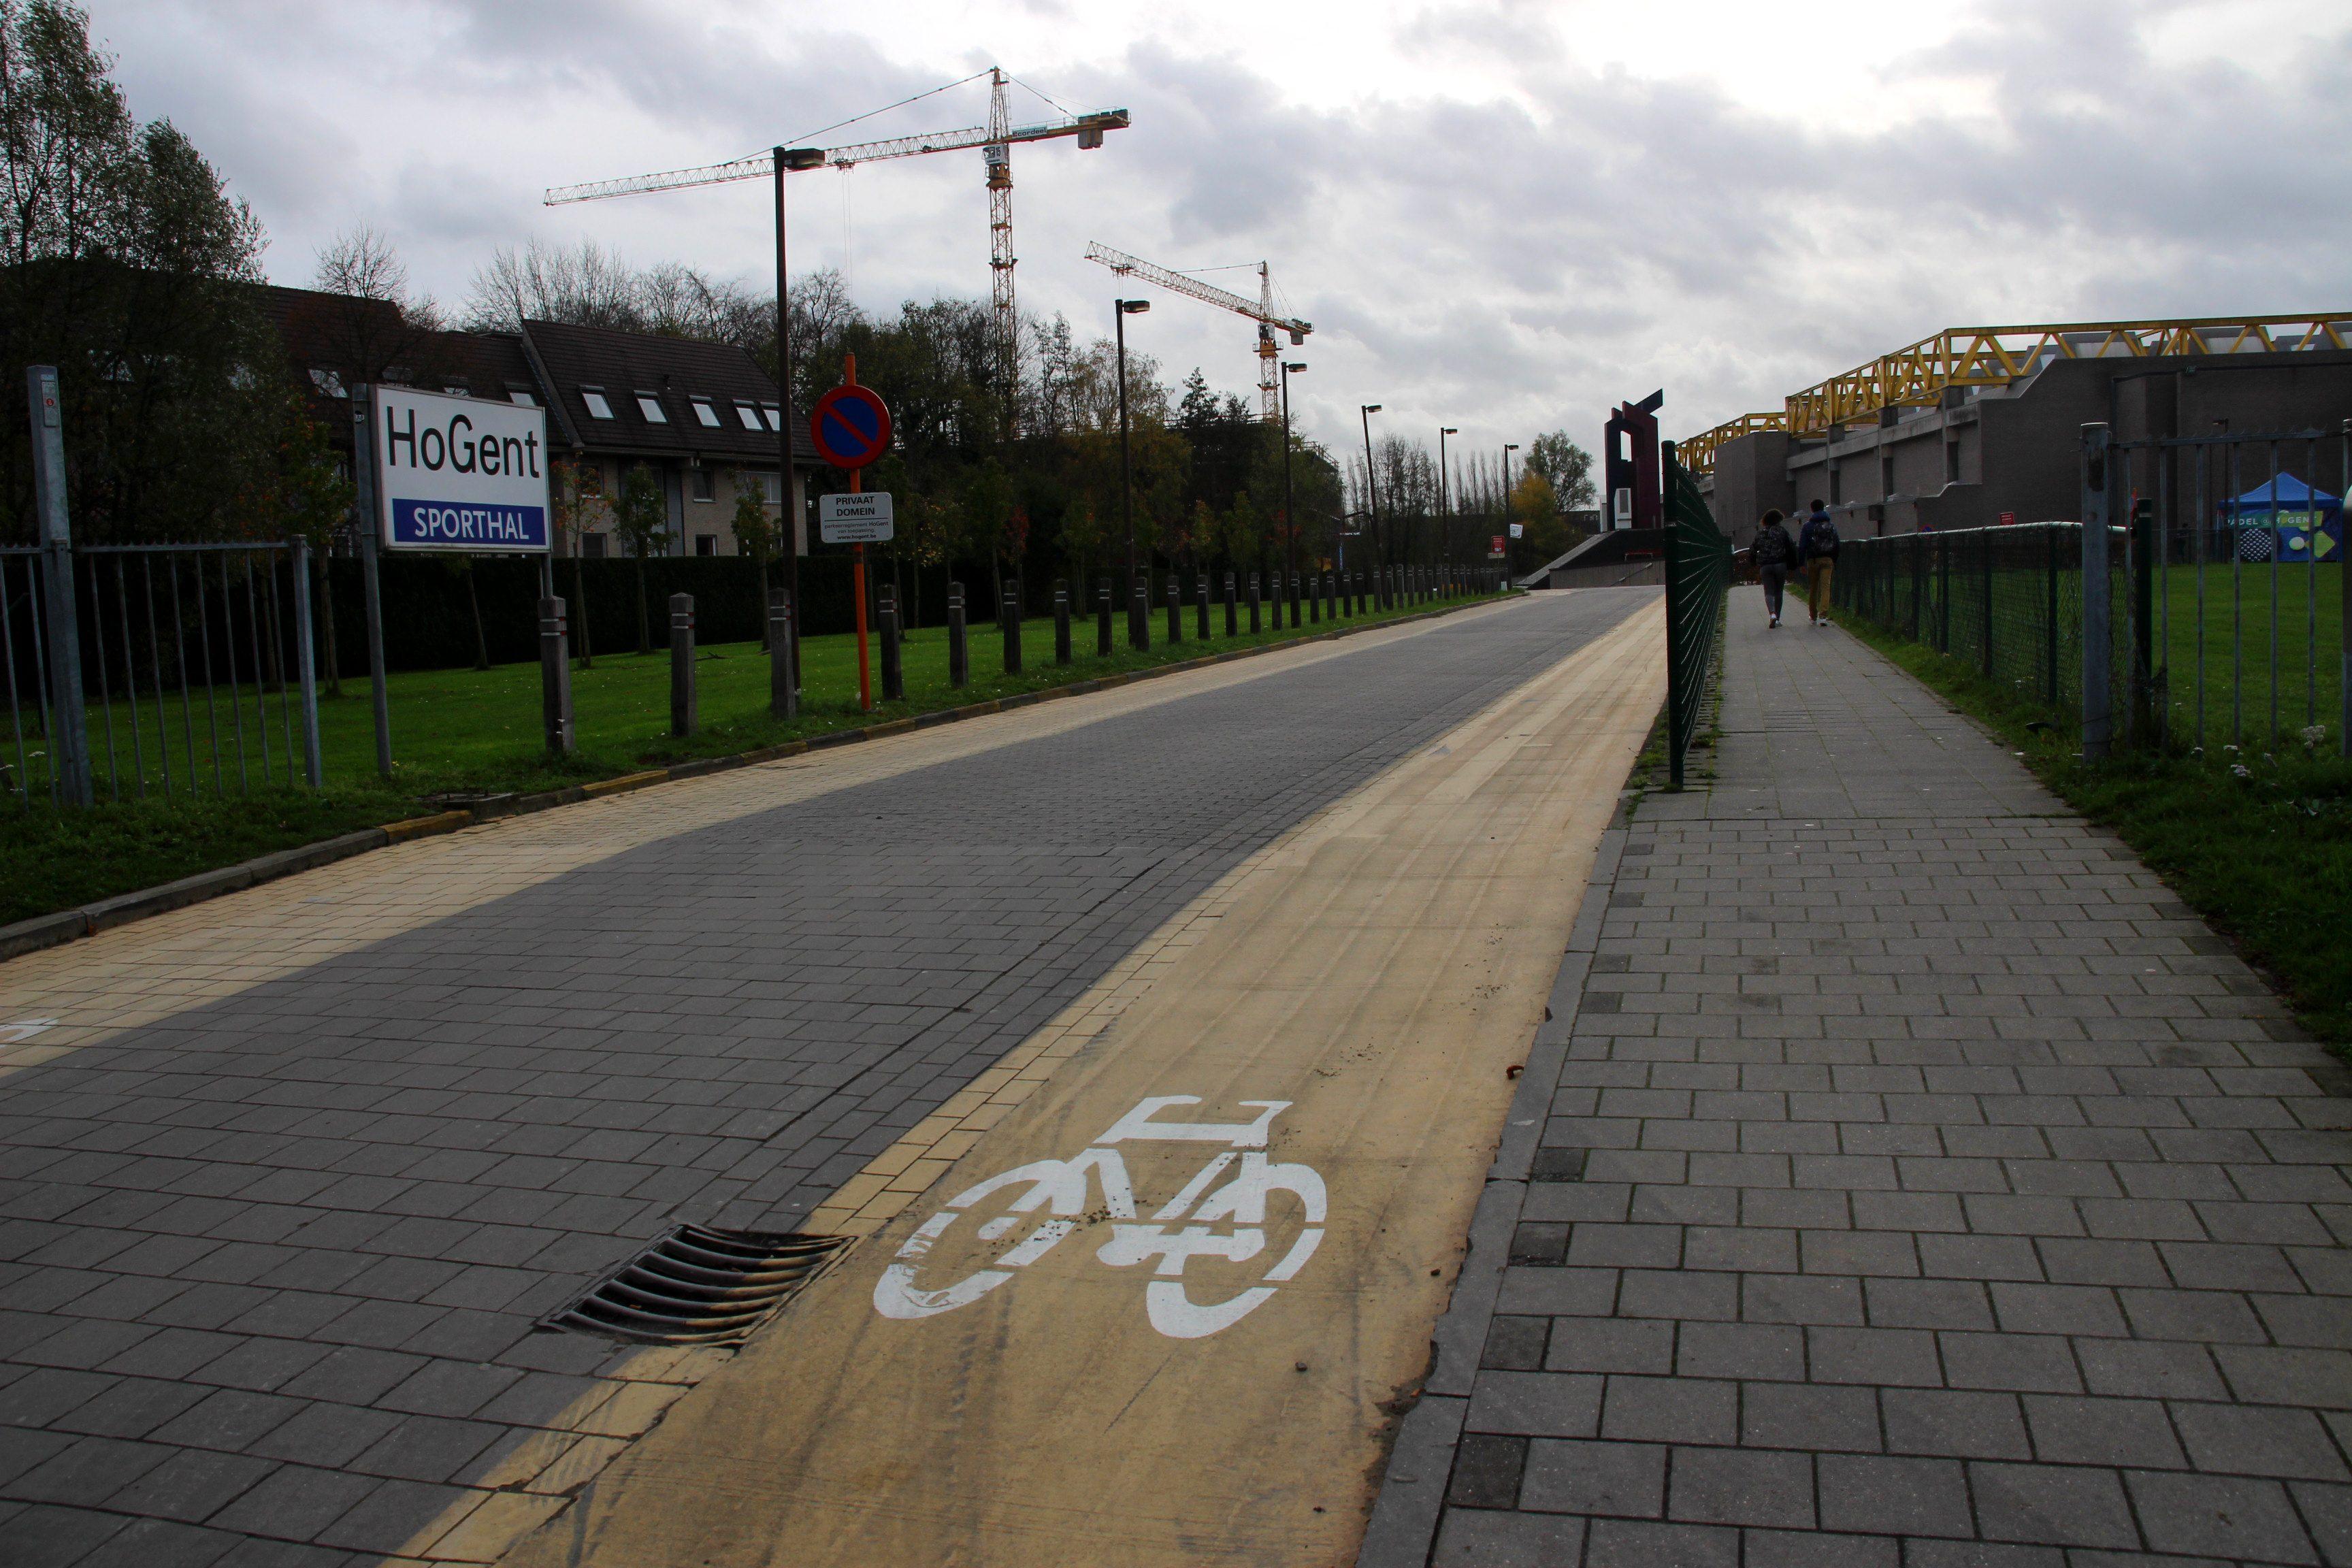 17nov15, Campus HoGent, Sint-Denijslaan